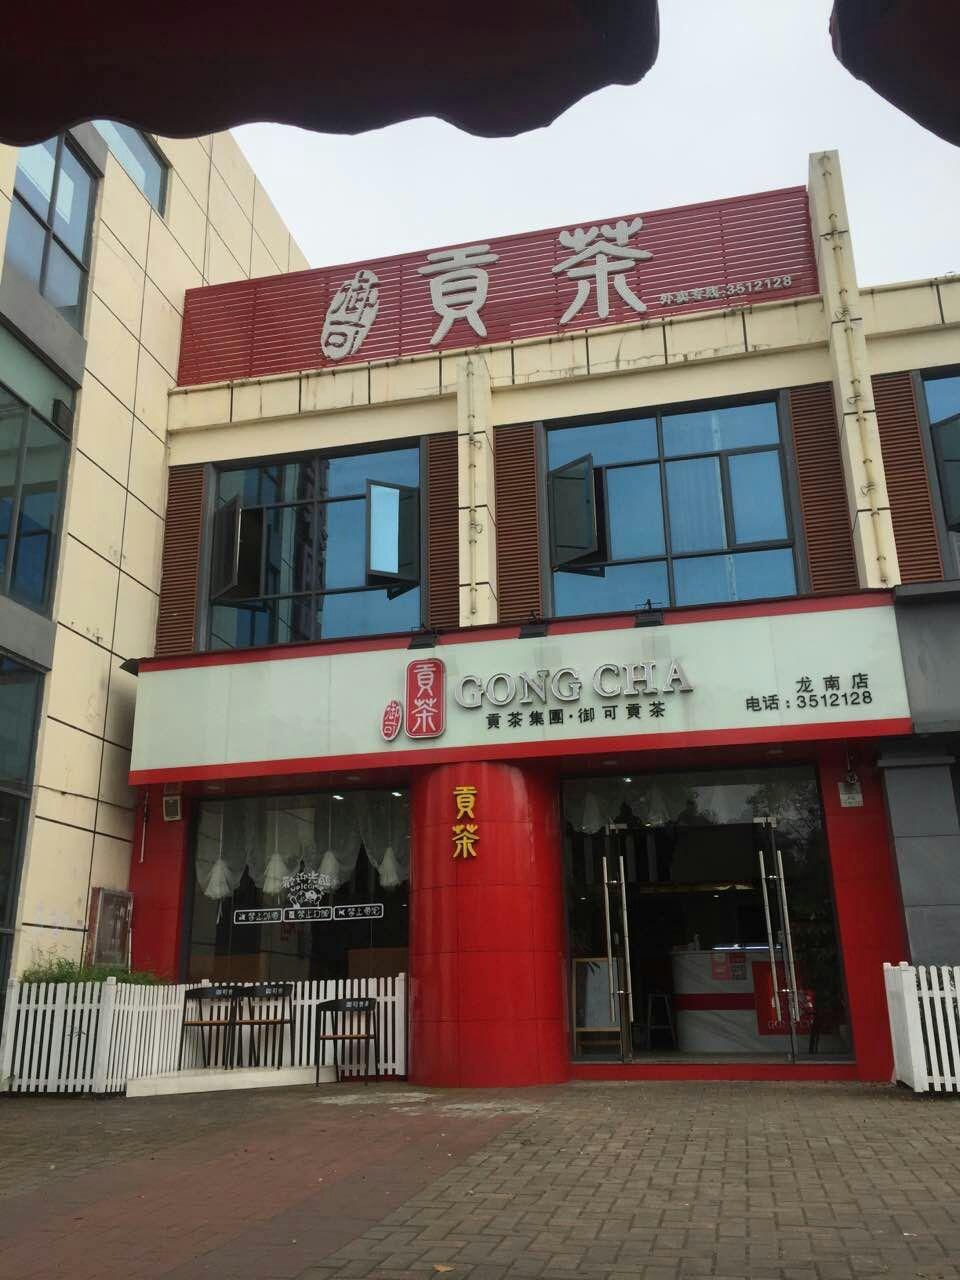 469581御可貢茶澳门太阳城平台店